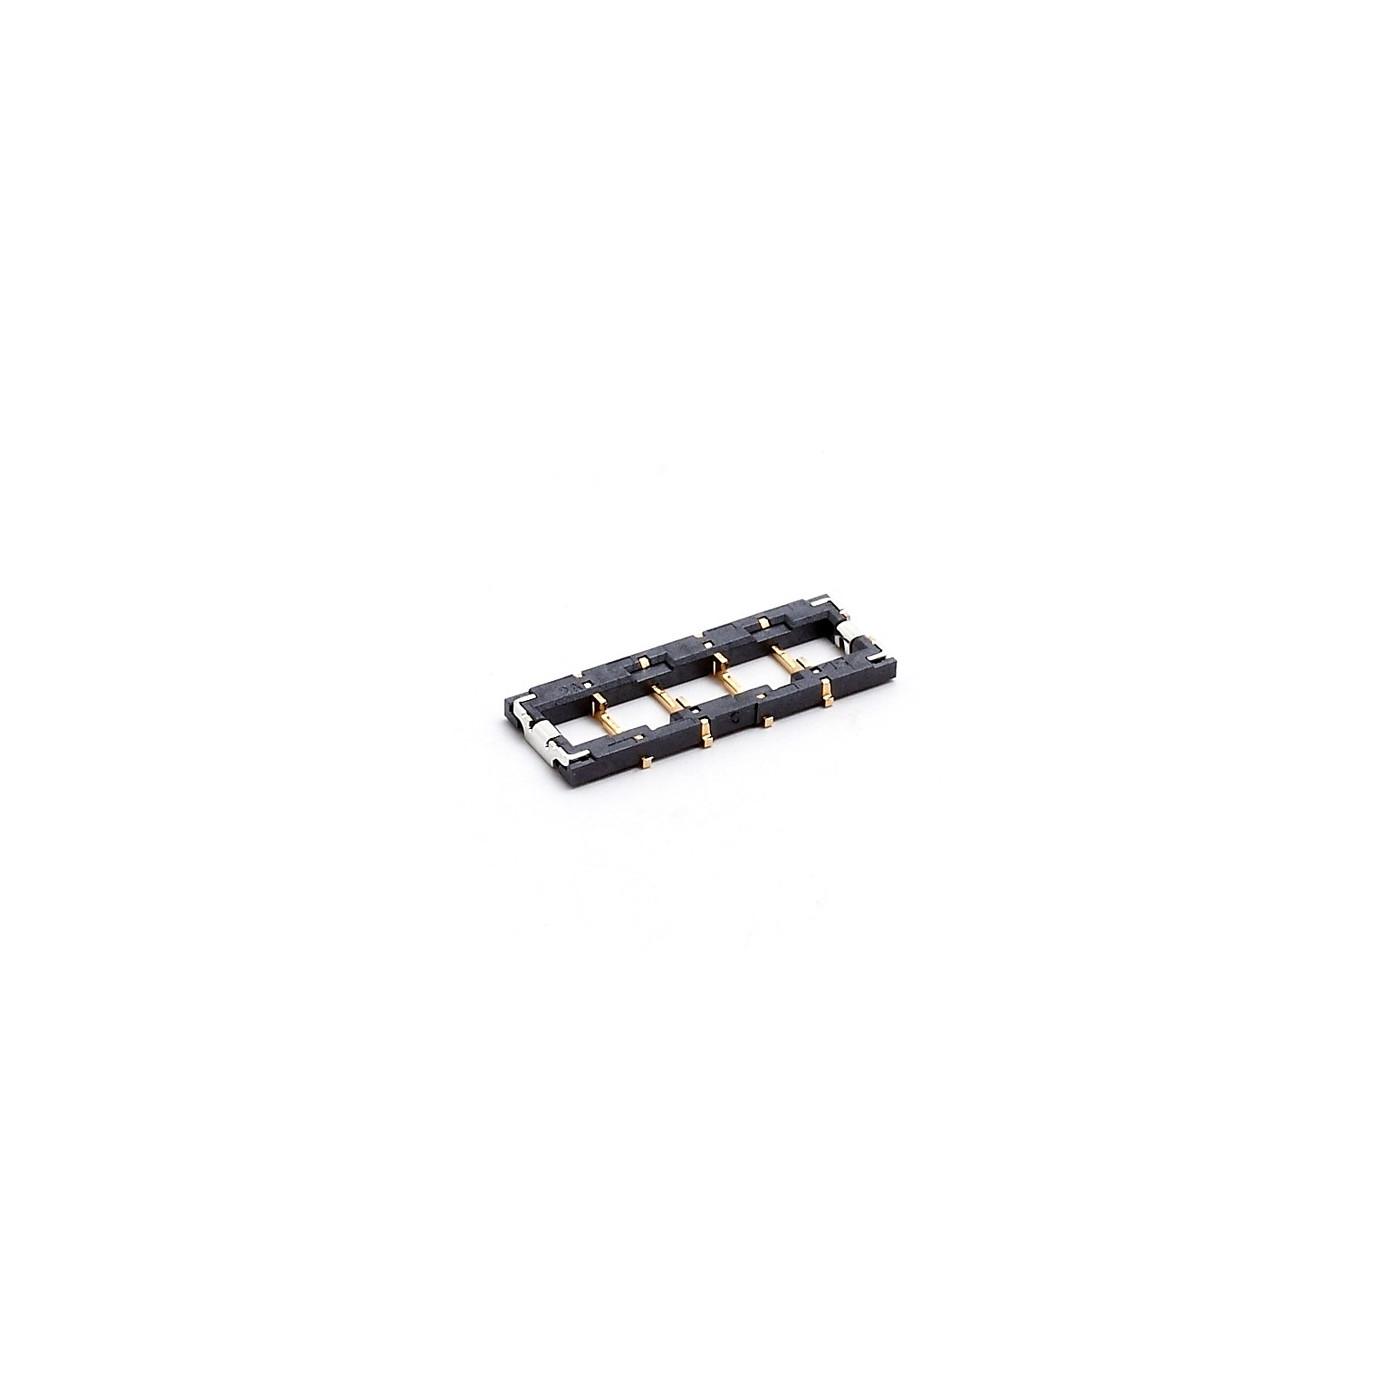 Batterieanschluss Iphone 5 geschweißt Batterieanschlusskontakte